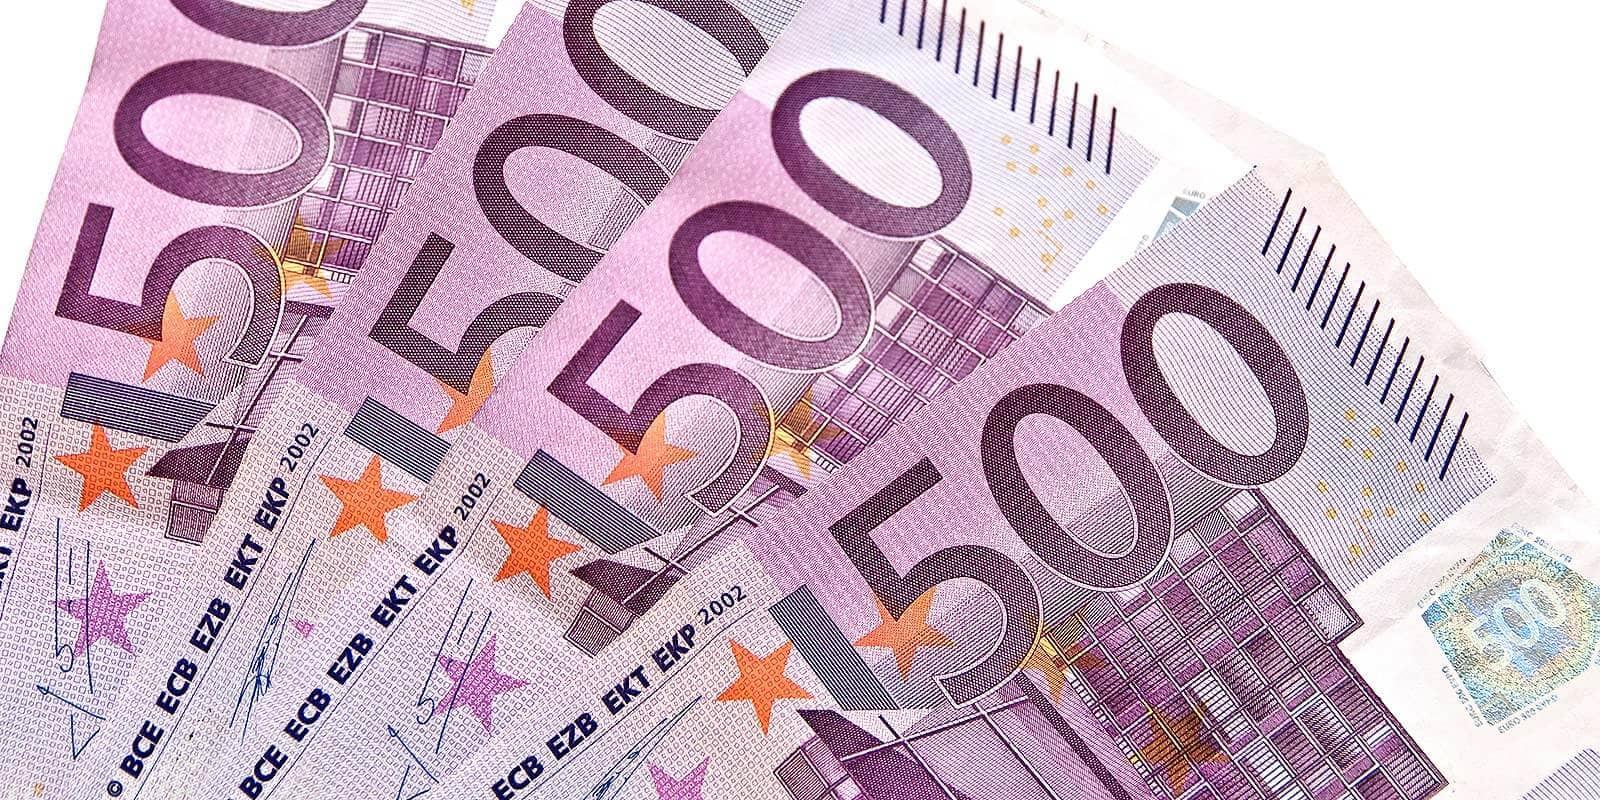 Billets De Banque : Les 500 € C'est Fini - Crédit Mutuel à Billet De 5 Euros À Imprimer